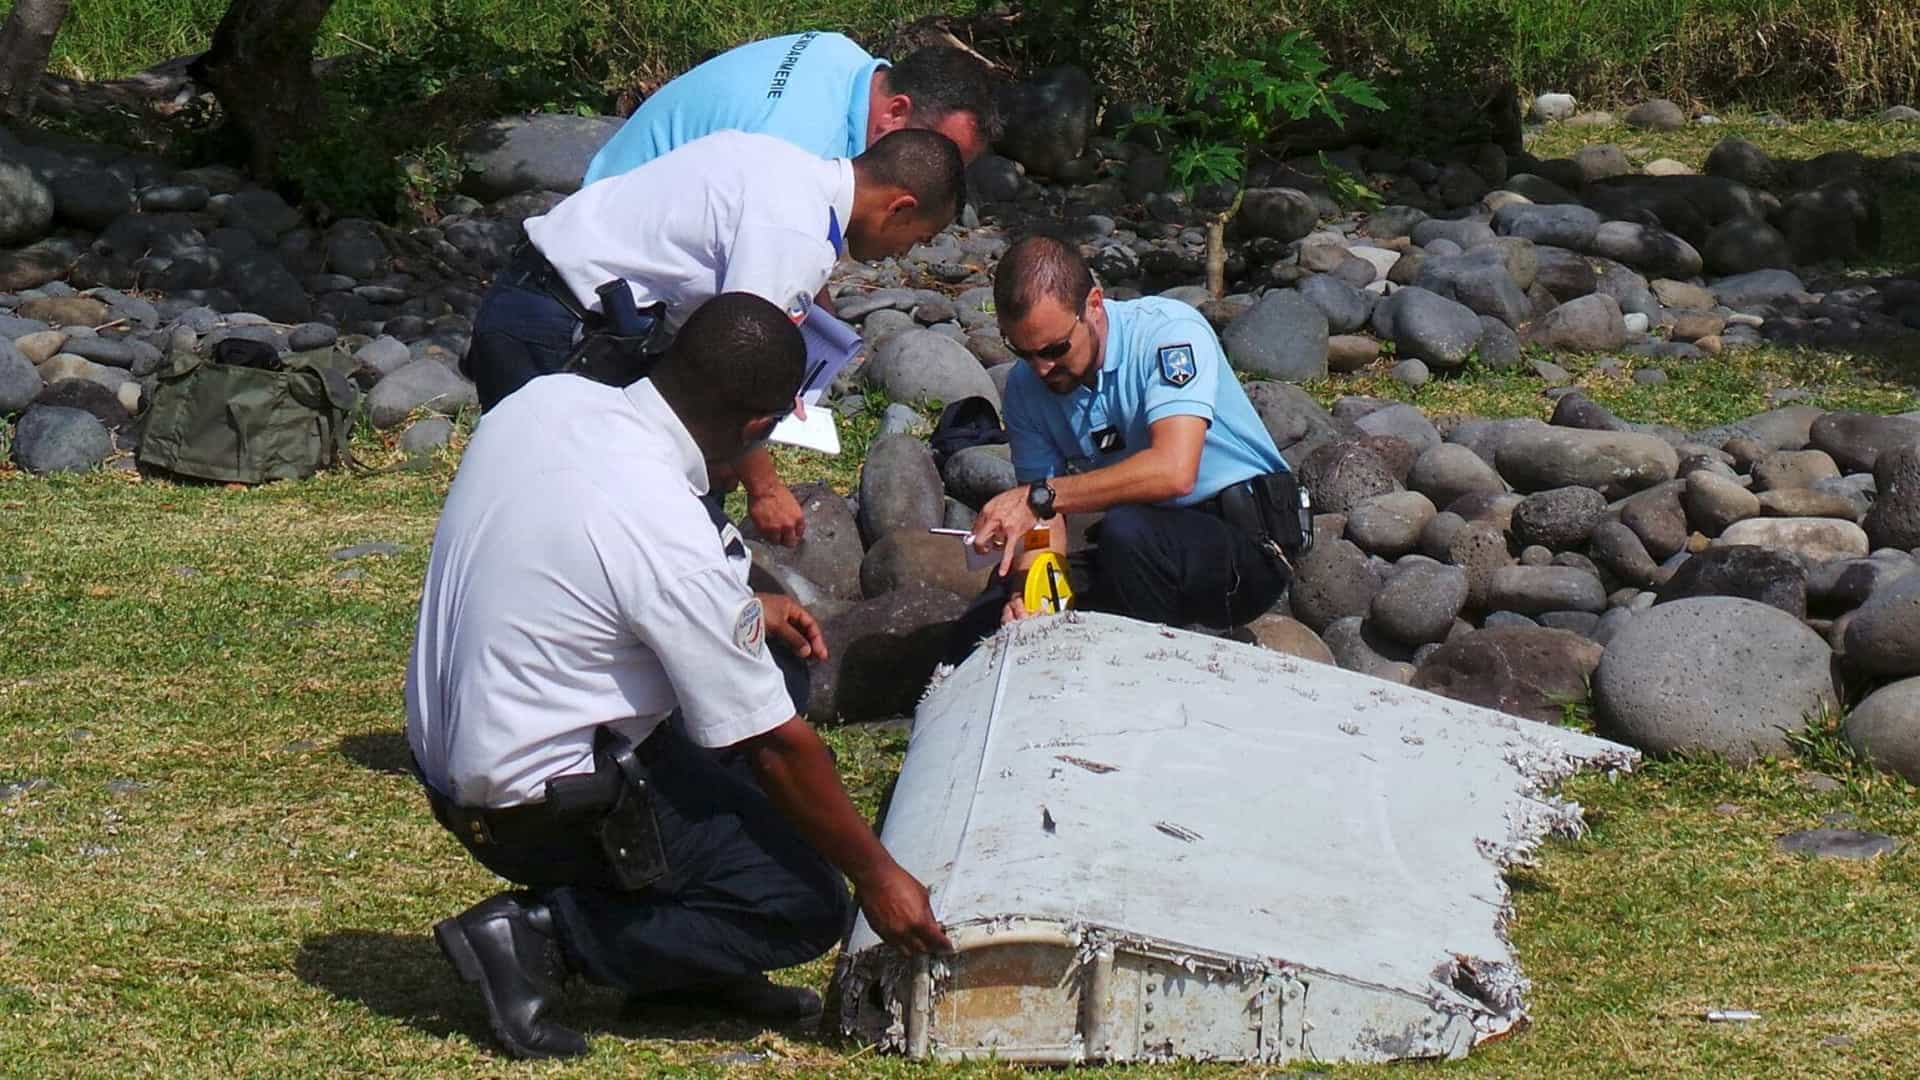 Austrália desmente que MH370 tenha sido despenhado pelo piloto